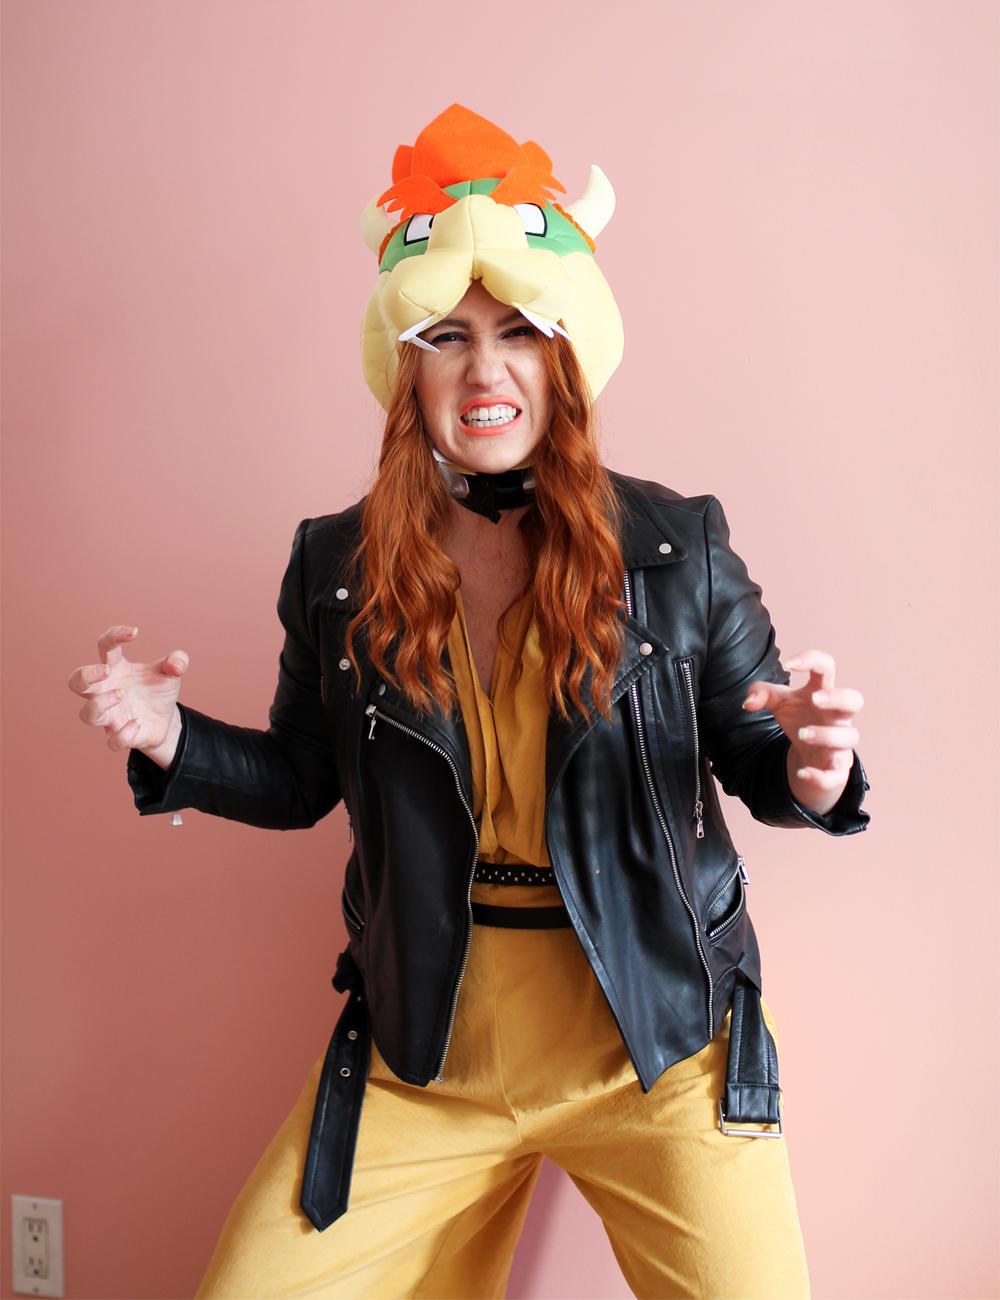 Bowser Halloween costume idea for MarioKart fans